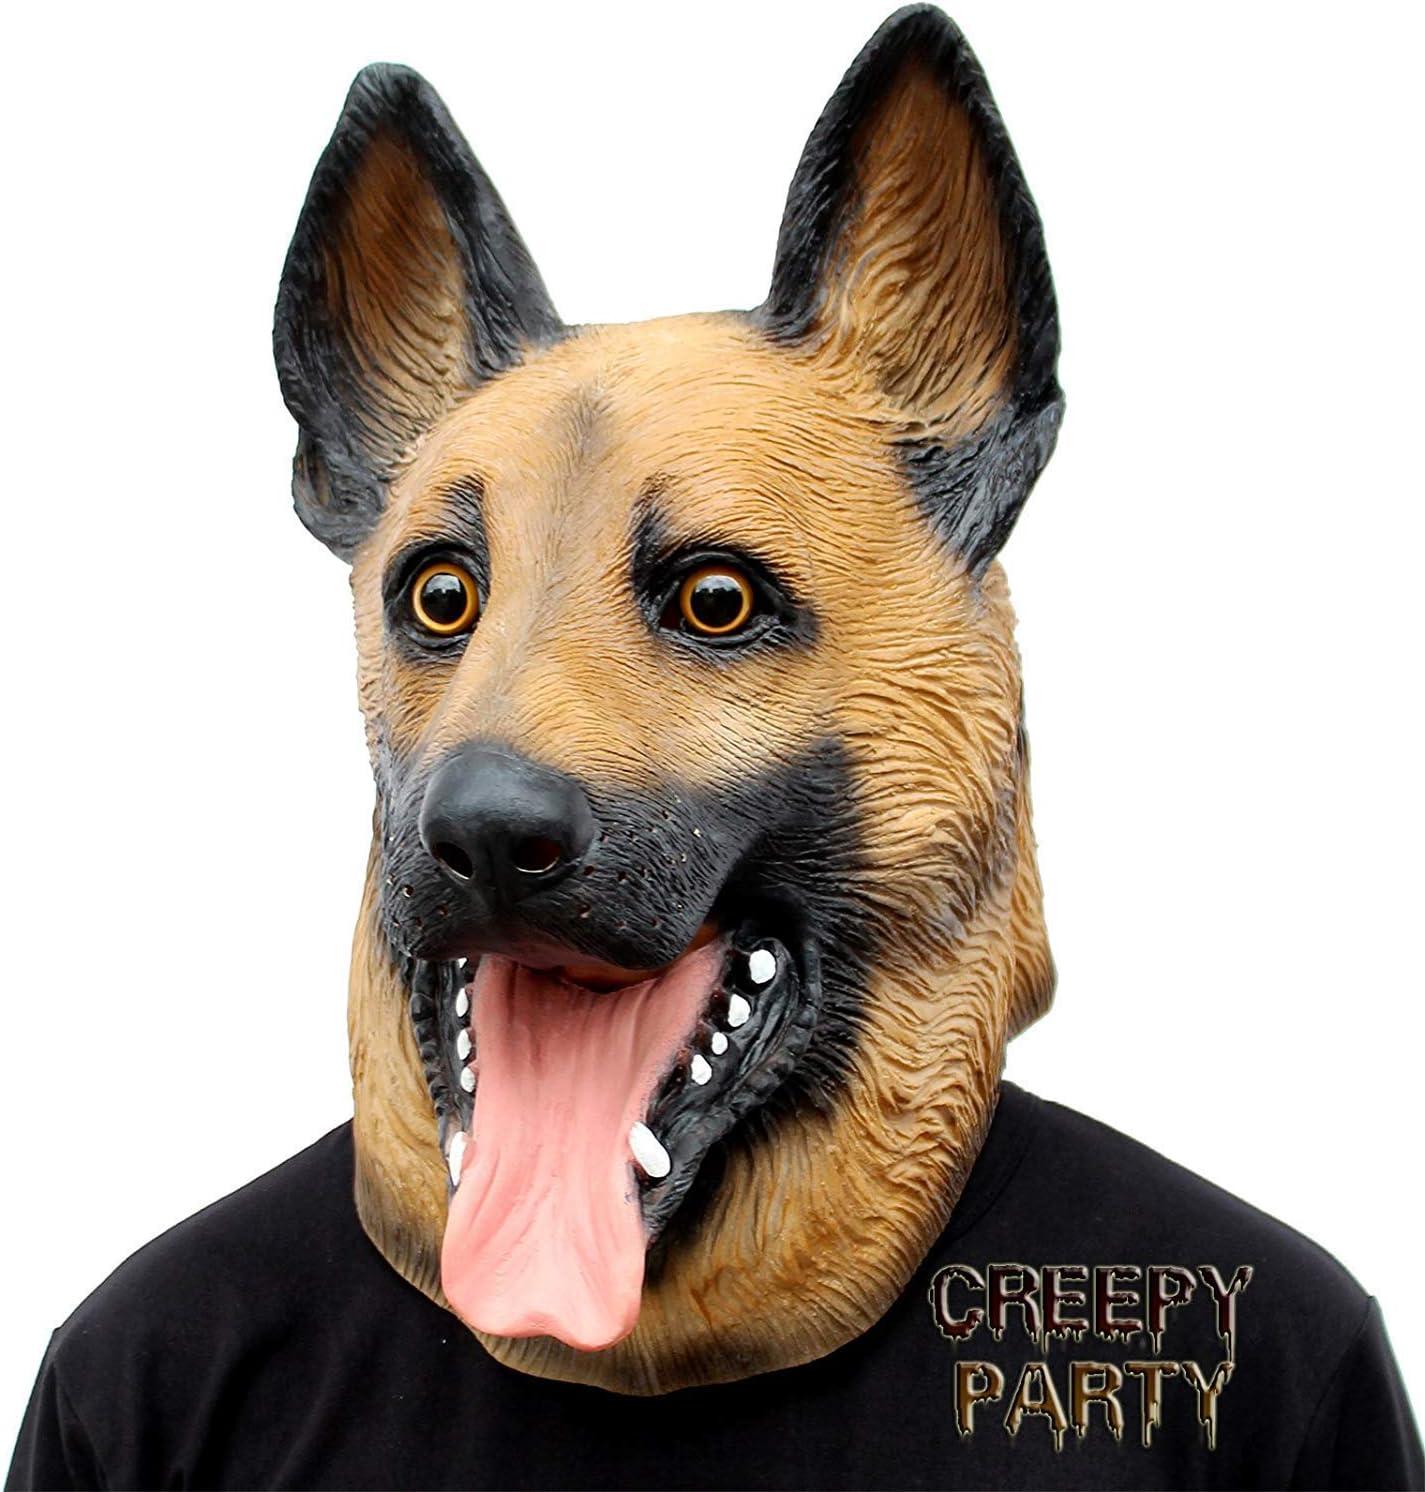 CreepyParty Máscara de Cabeza Animal de Látex de Fiesta de Halloween de Perros